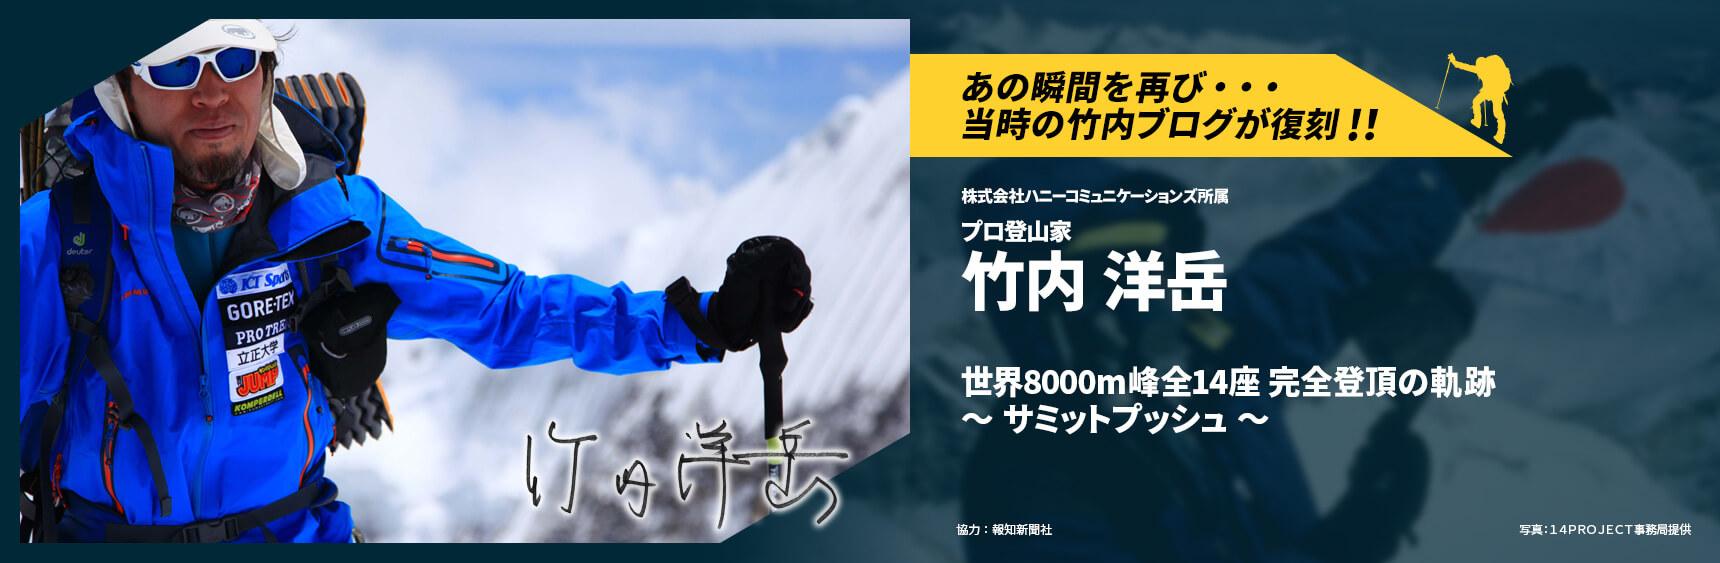 プロ登山家 竹内洋岳 世界8000m峰全14座 完全登頂の軌跡 ~サミットプッシュ~